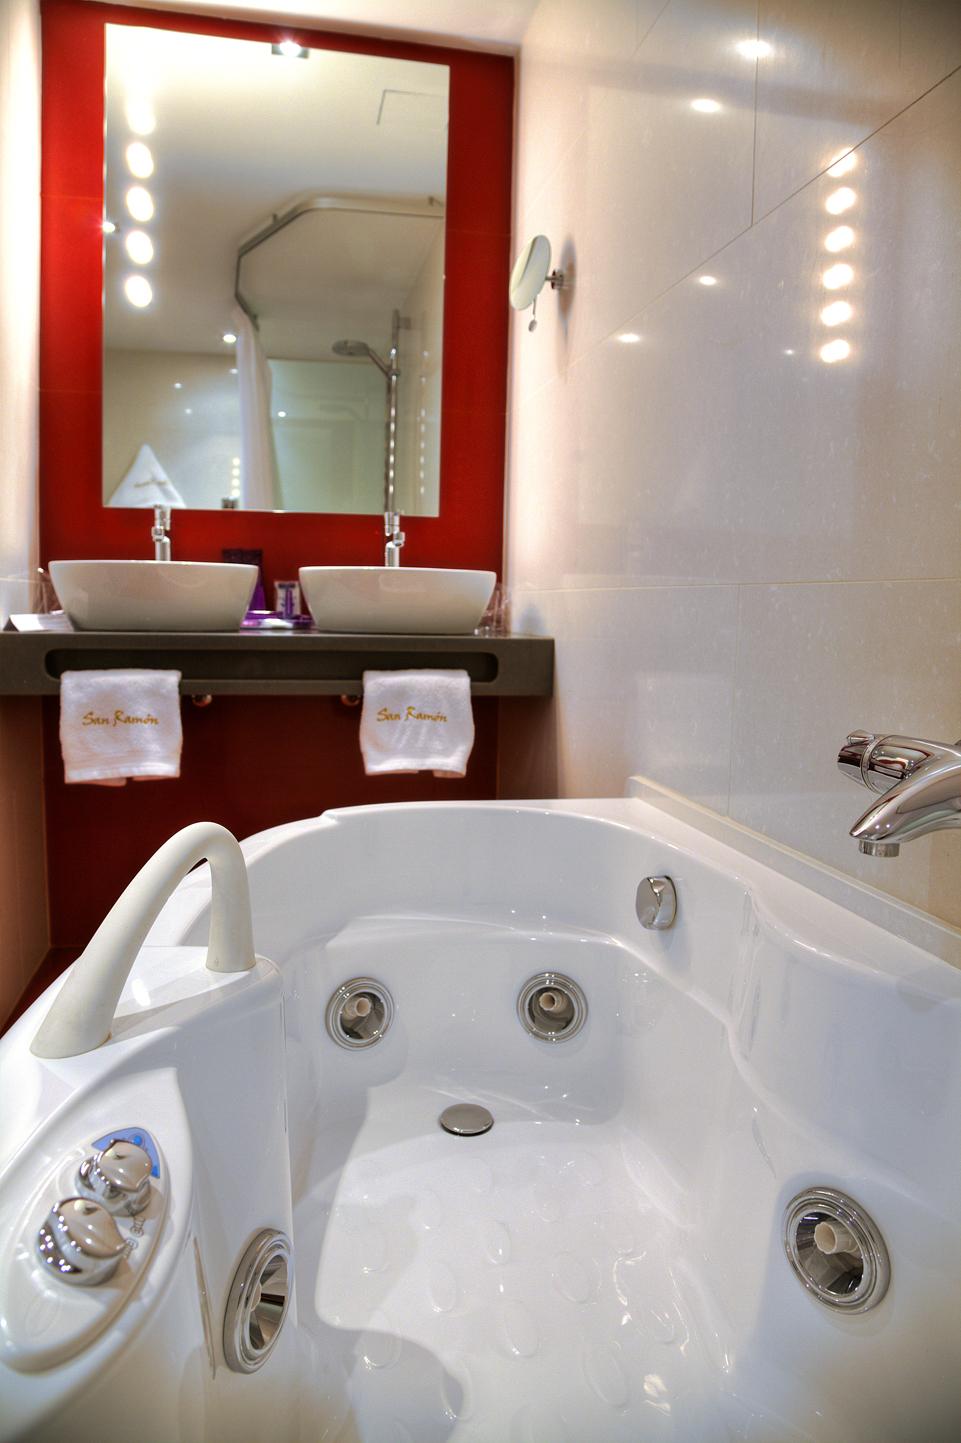 les diff rences entre un jacuzzi et bain remous rom ntico hotel spa con jacuzzi. Black Bedroom Furniture Sets. Home Design Ideas